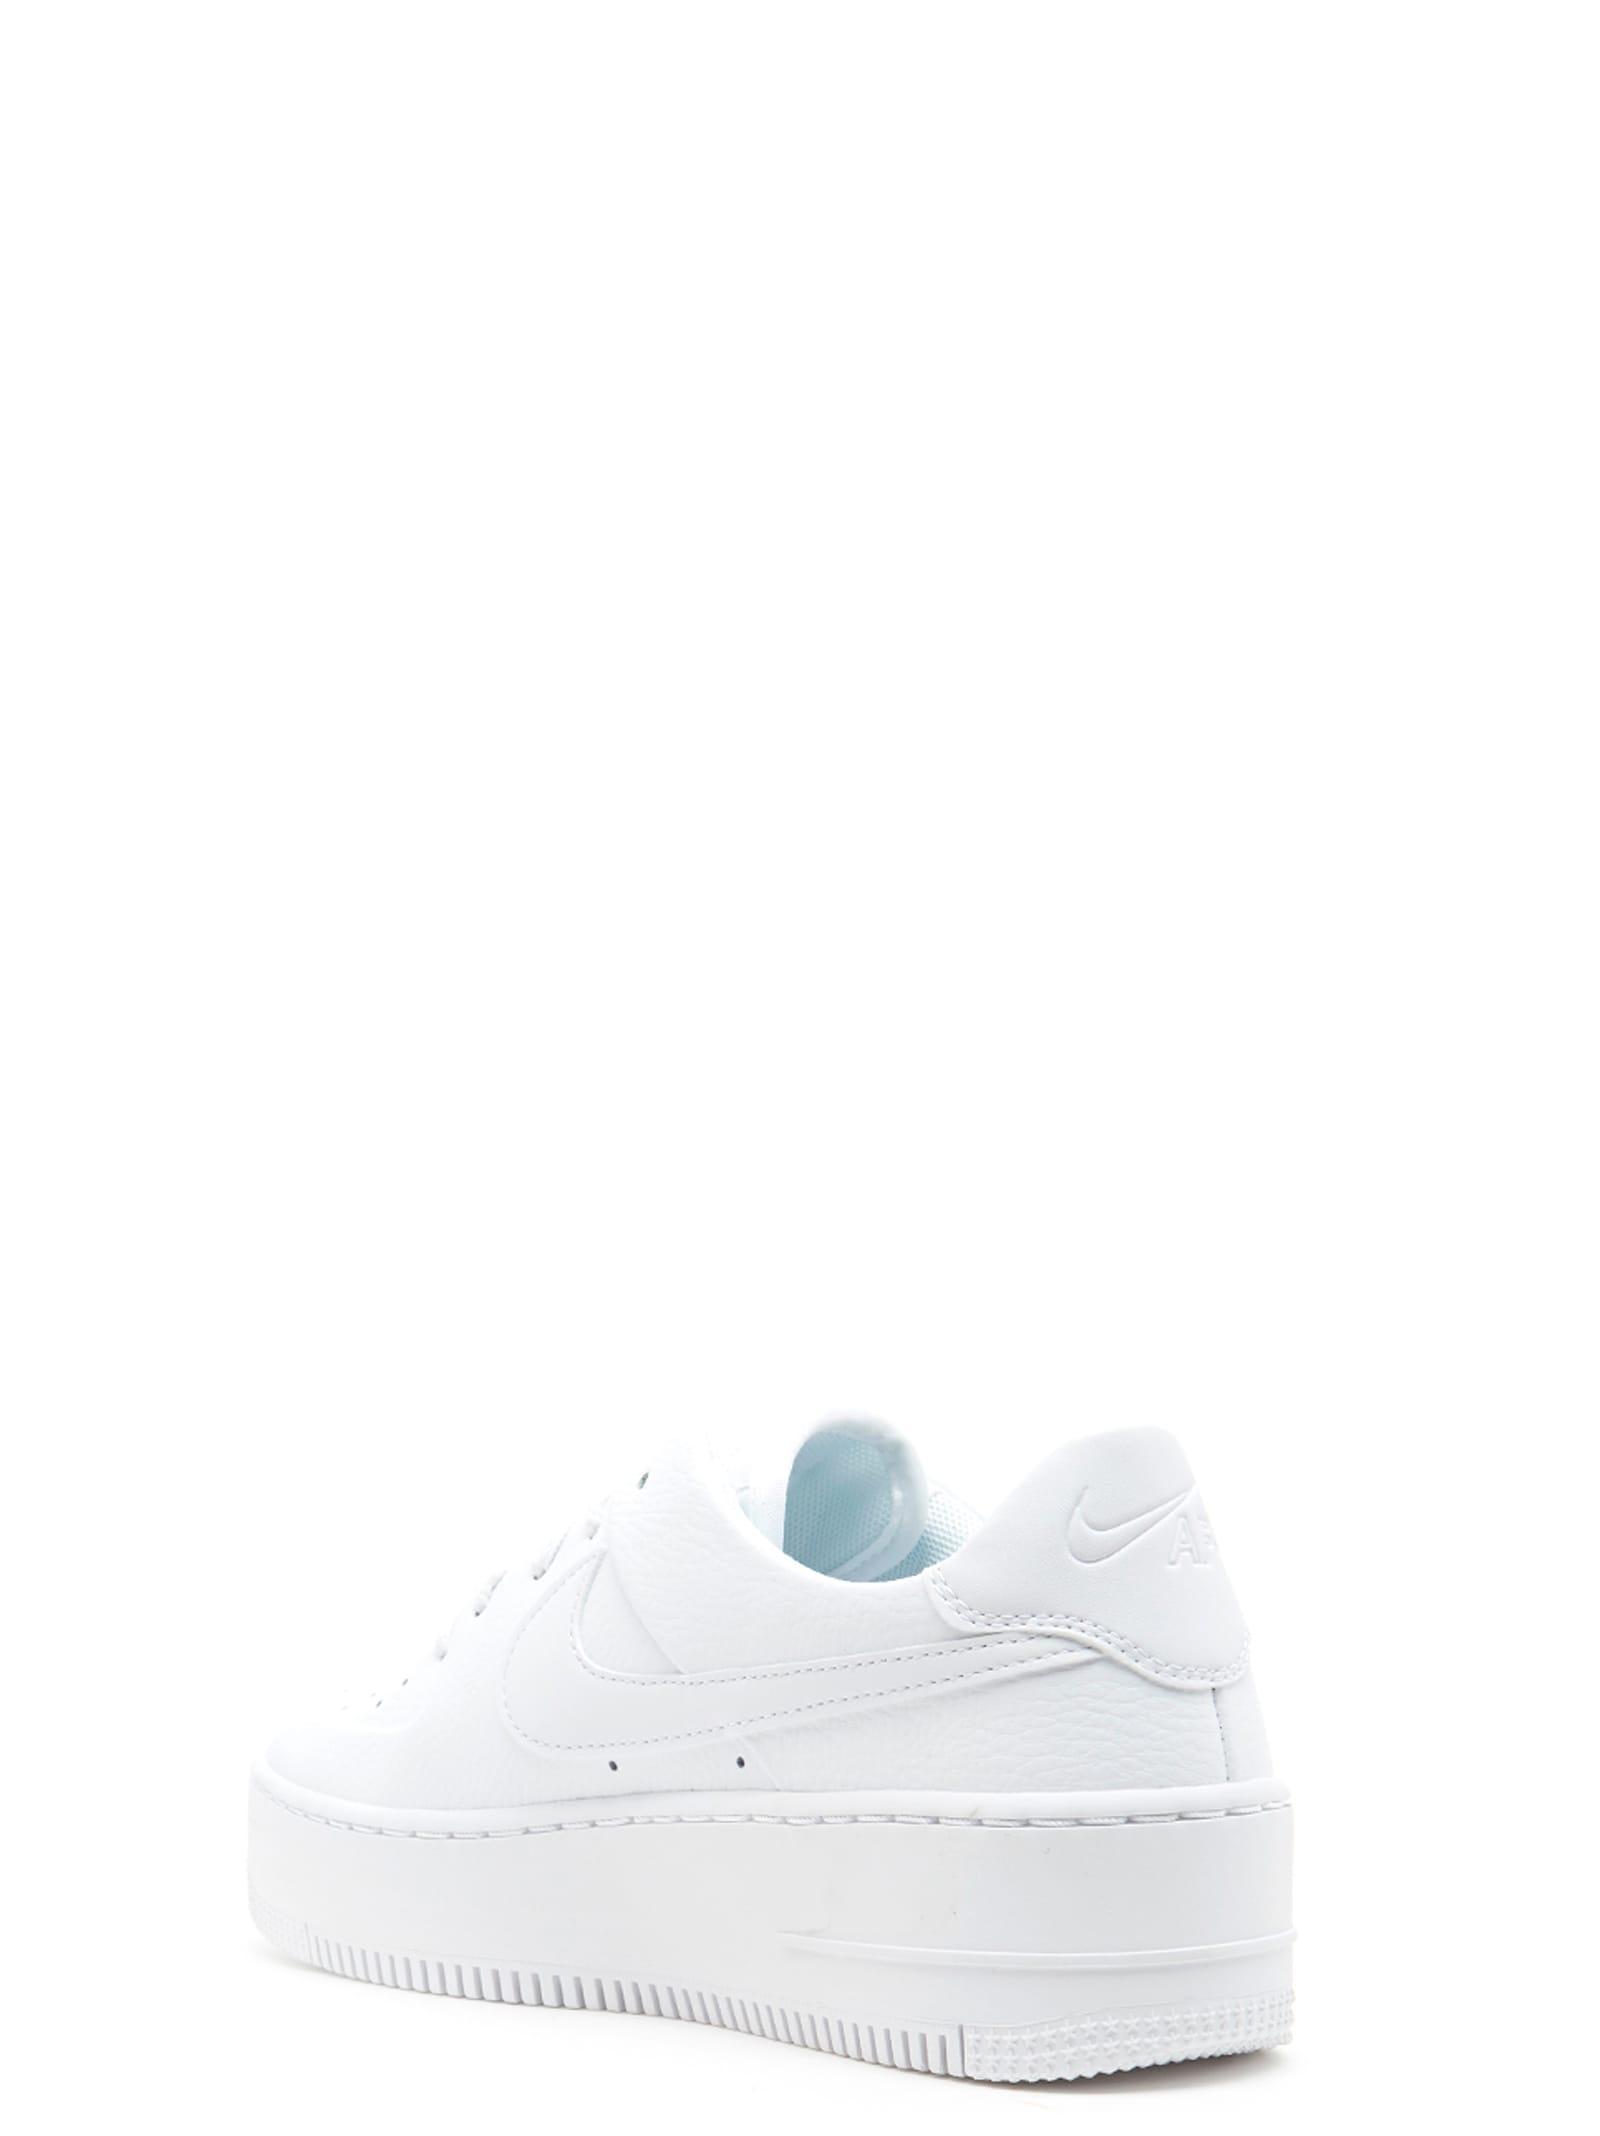 info for 7c2c2 15757 Nike 'af1 Sage Low' Shoes